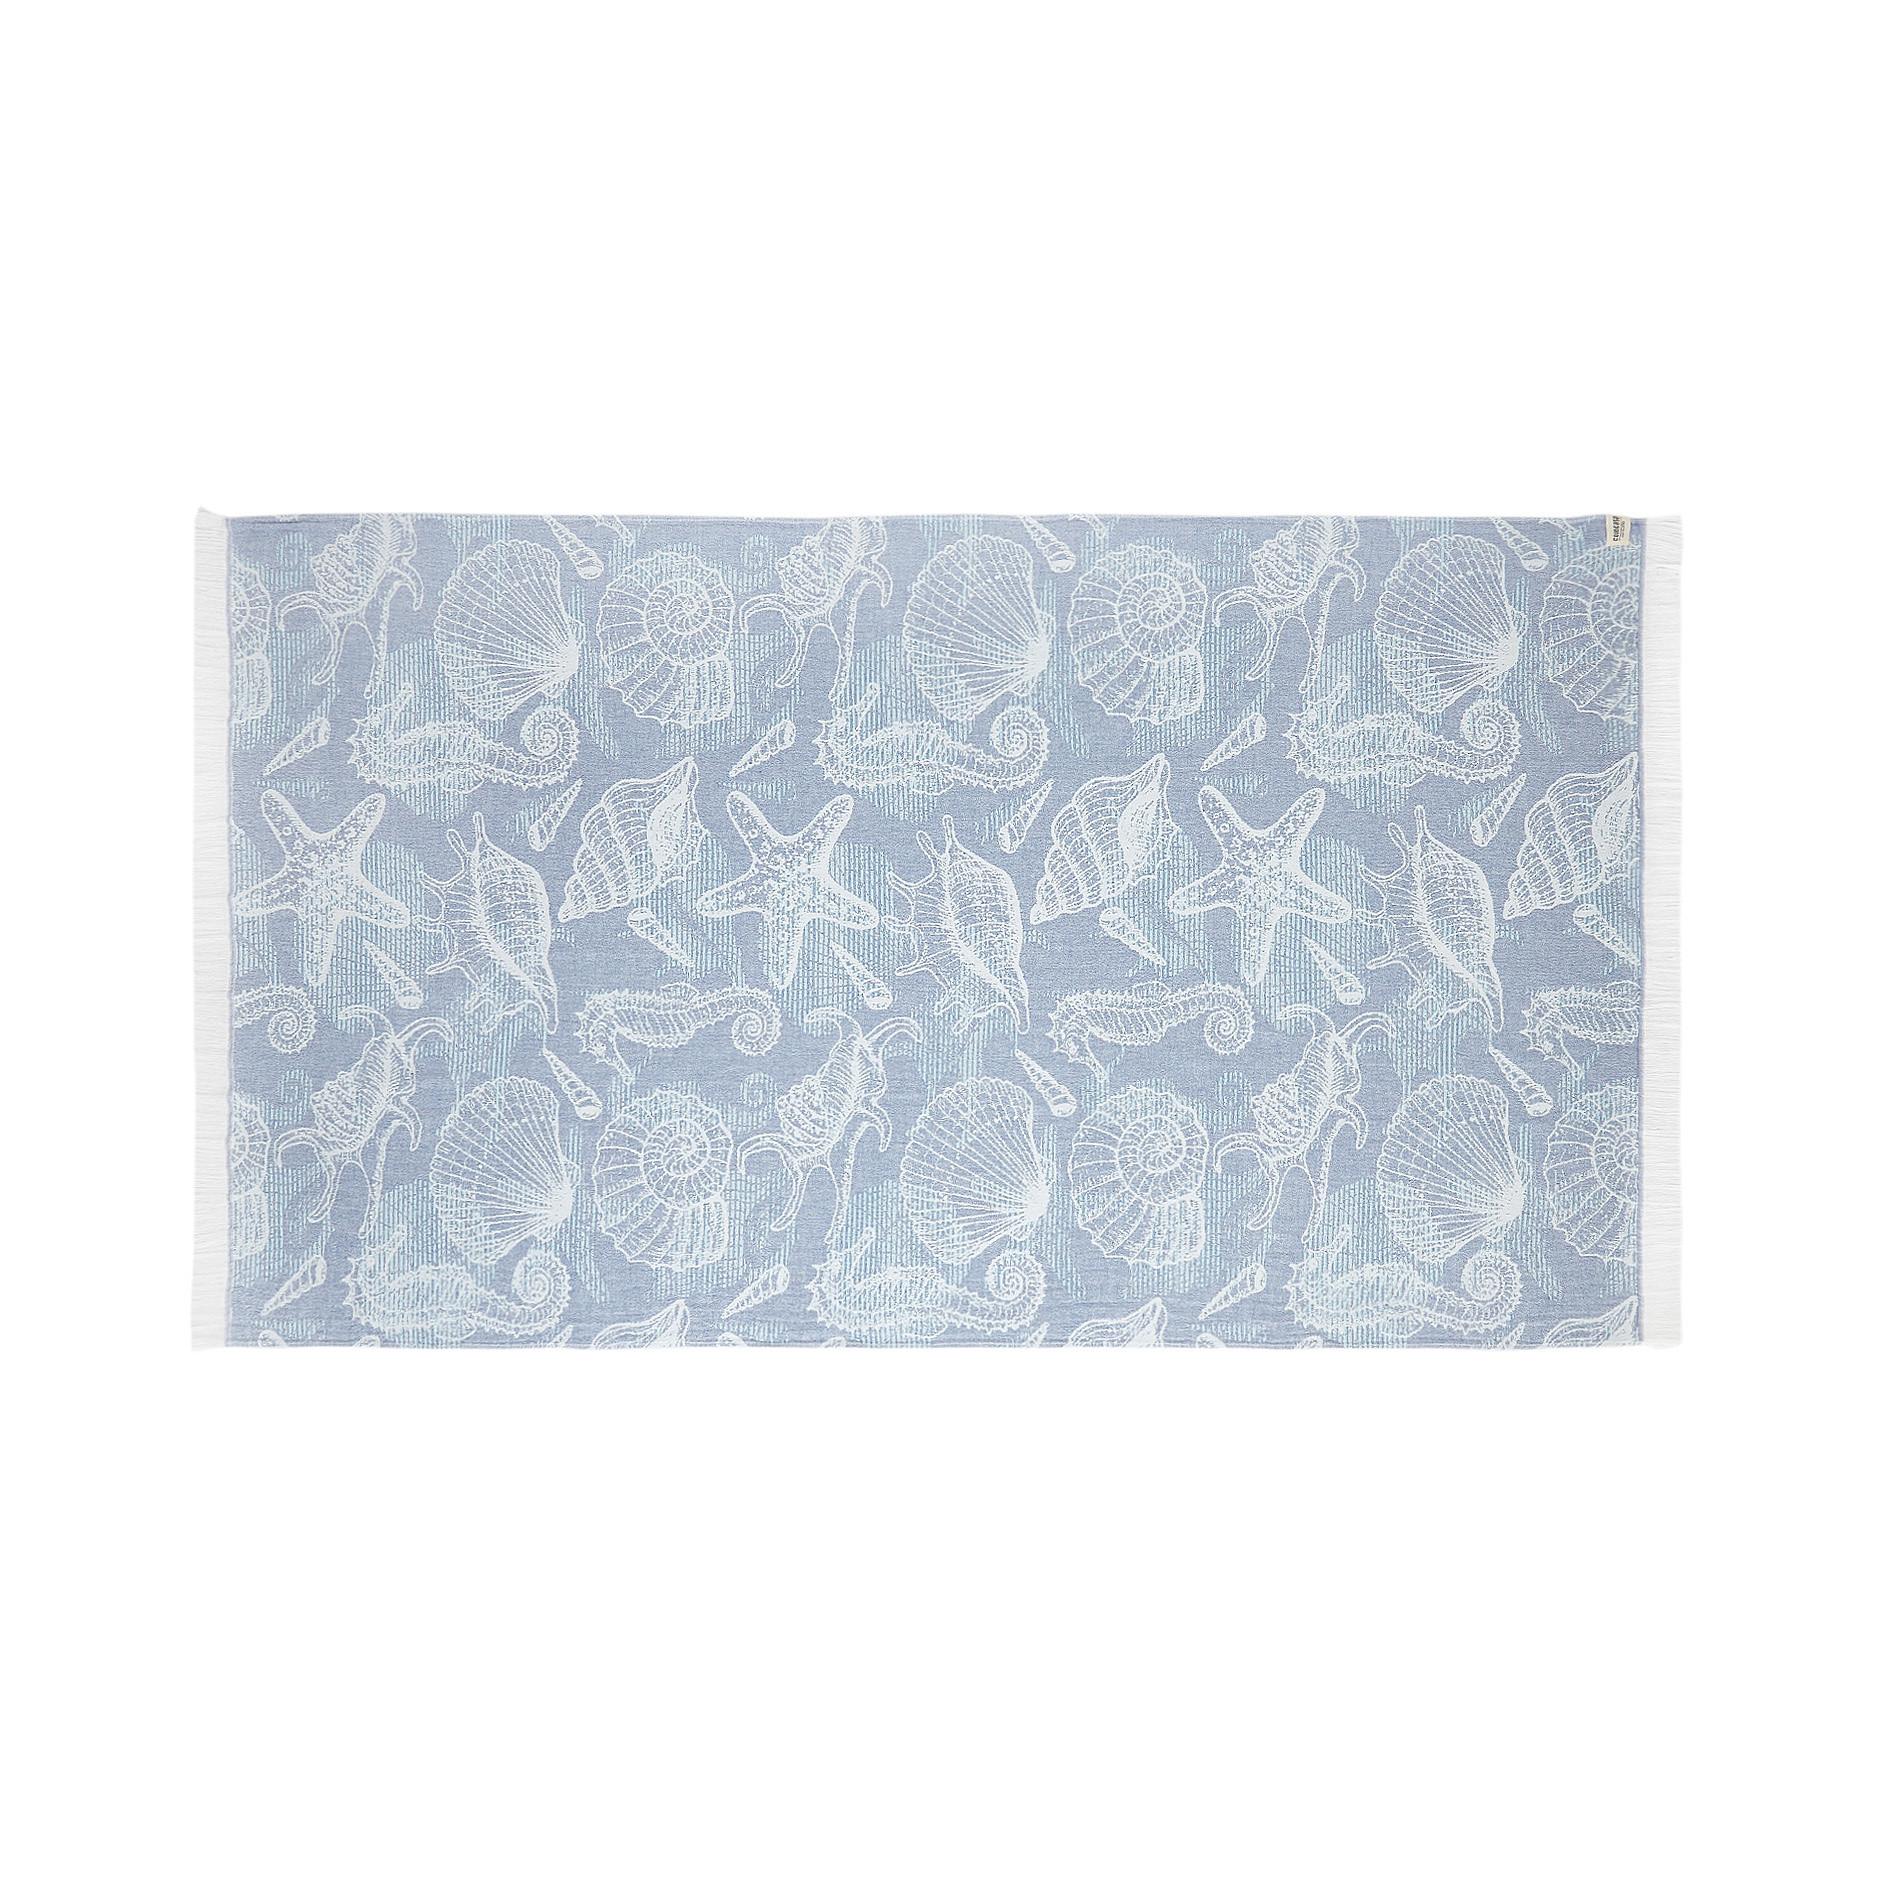 Telo mare cotone leggero motivo conchiglie, Azzurro, large image number 0